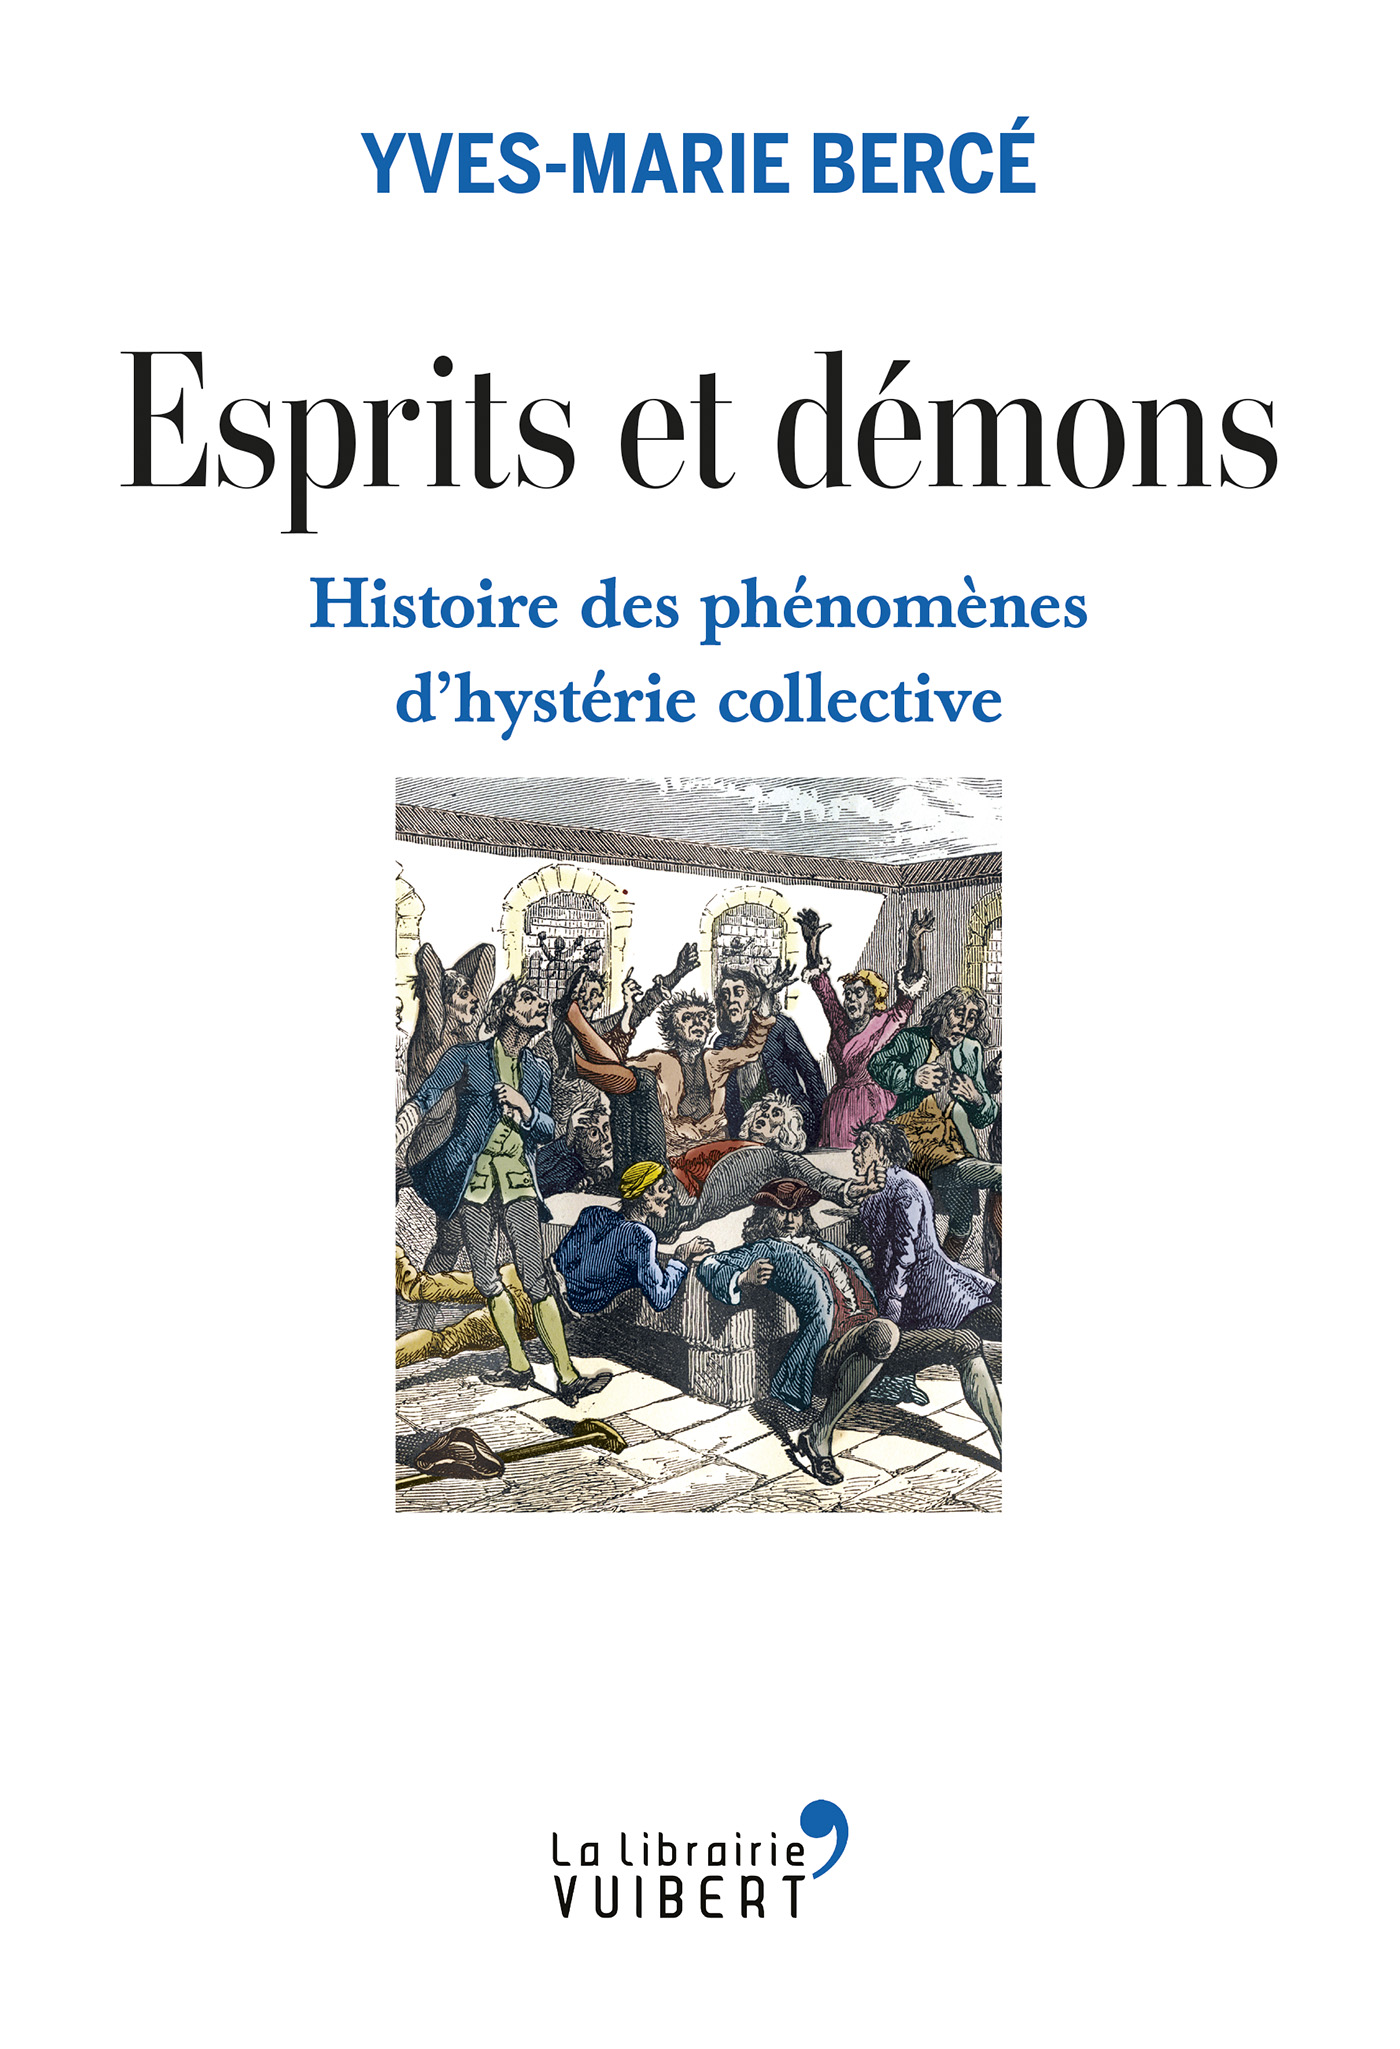 Esprits et démons, Histoire des phénomènes d'hystérie collective